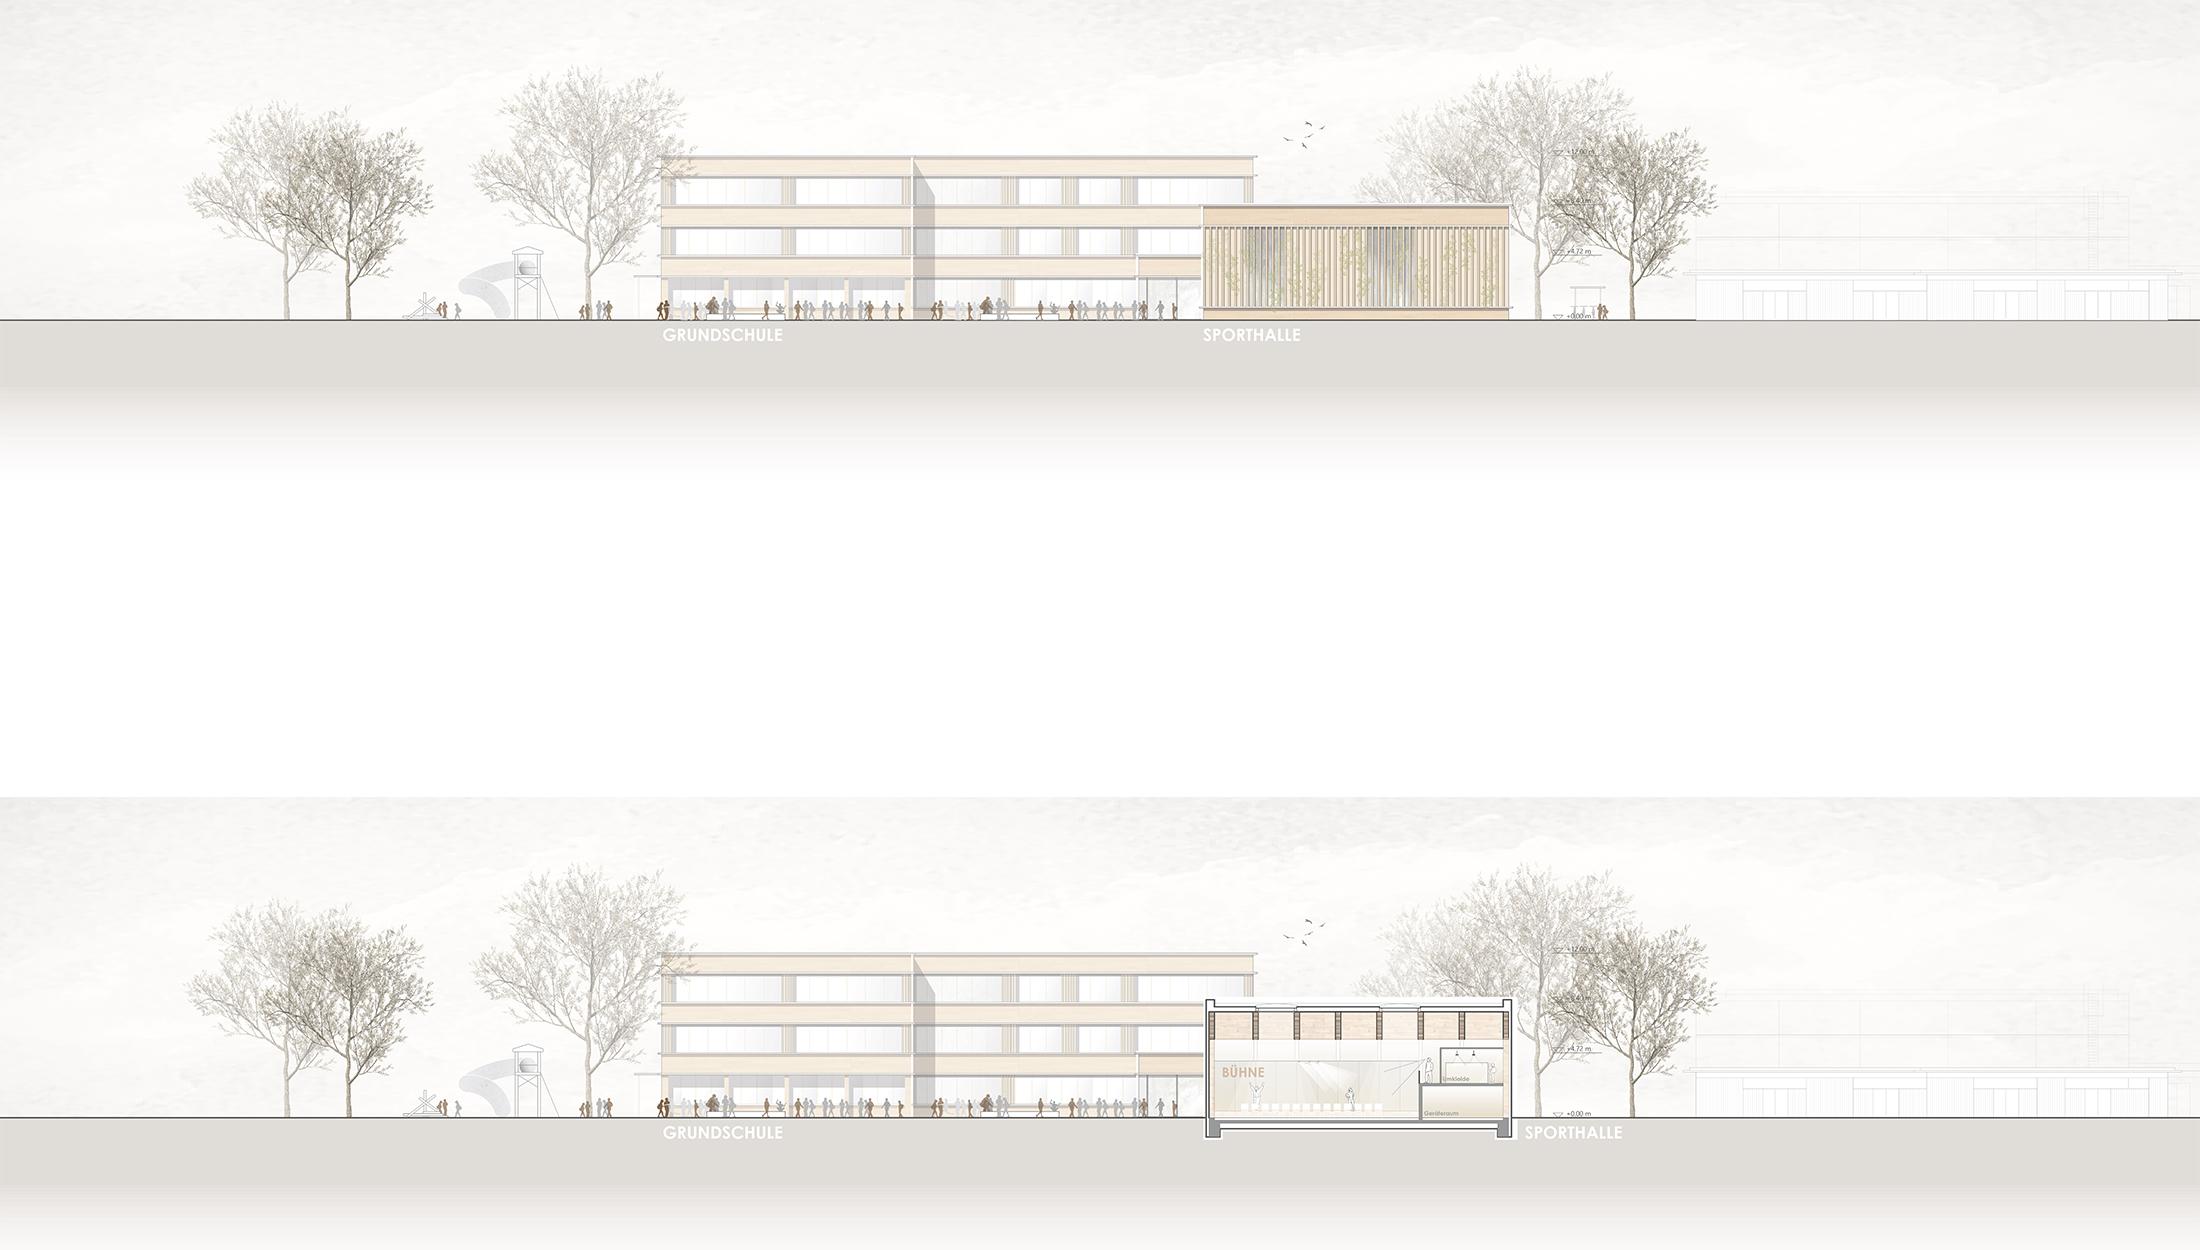 2021, Haus für Kinder und Kultur, Bietigheim